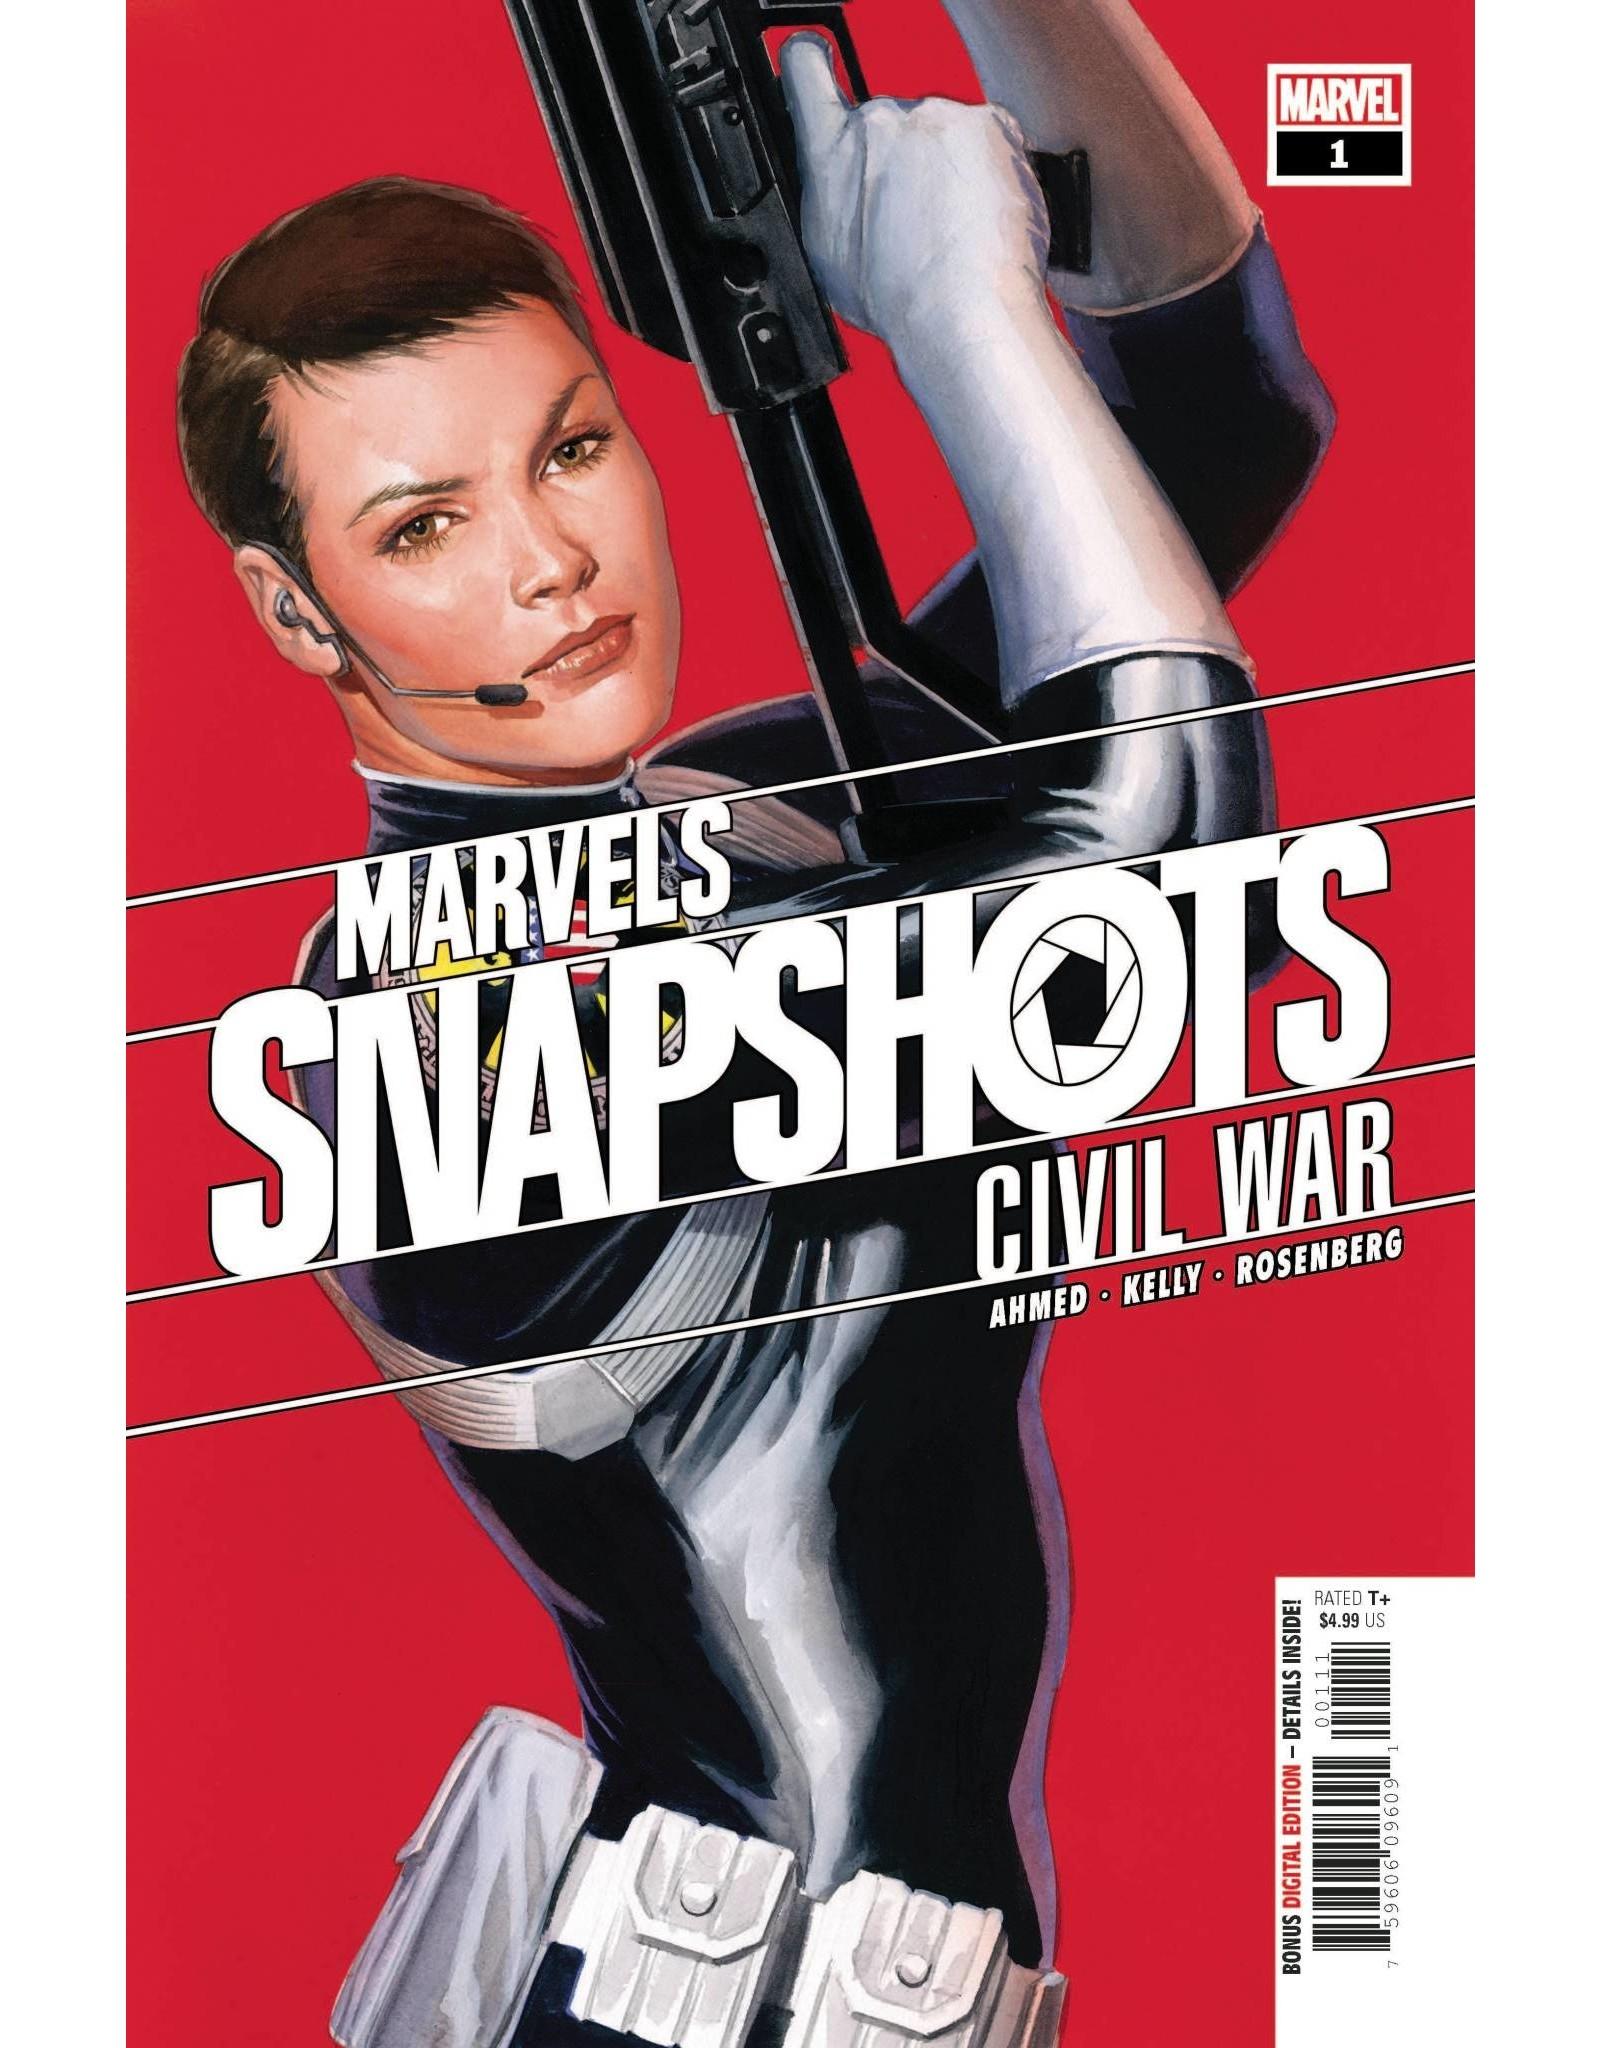 MARVEL COMICS CIVIL WAR MARVELS SNAPSHOTS #1